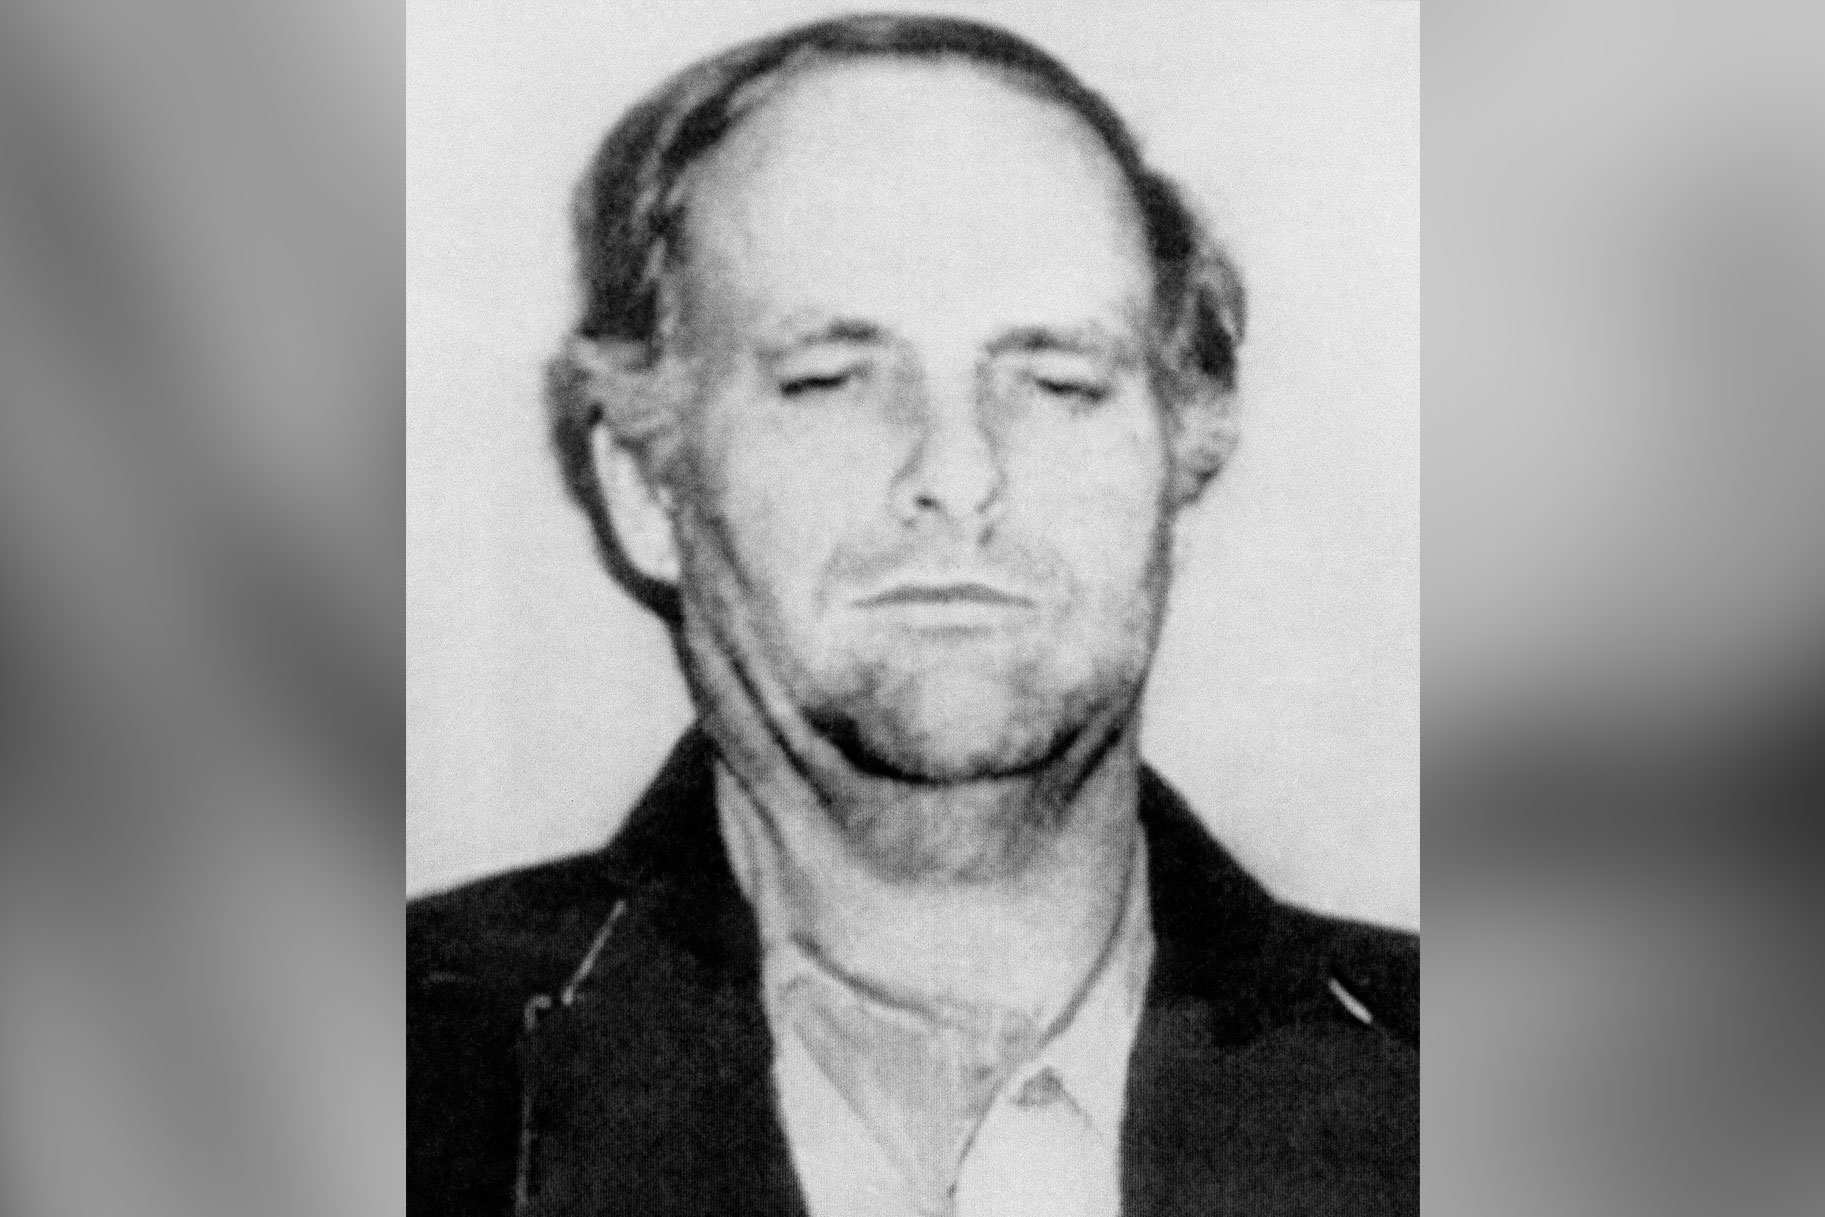 ¿Quién es Ervil LeBaron? Estadounidenses asesinados en México vinculados a vástagos mormones con pasado violento